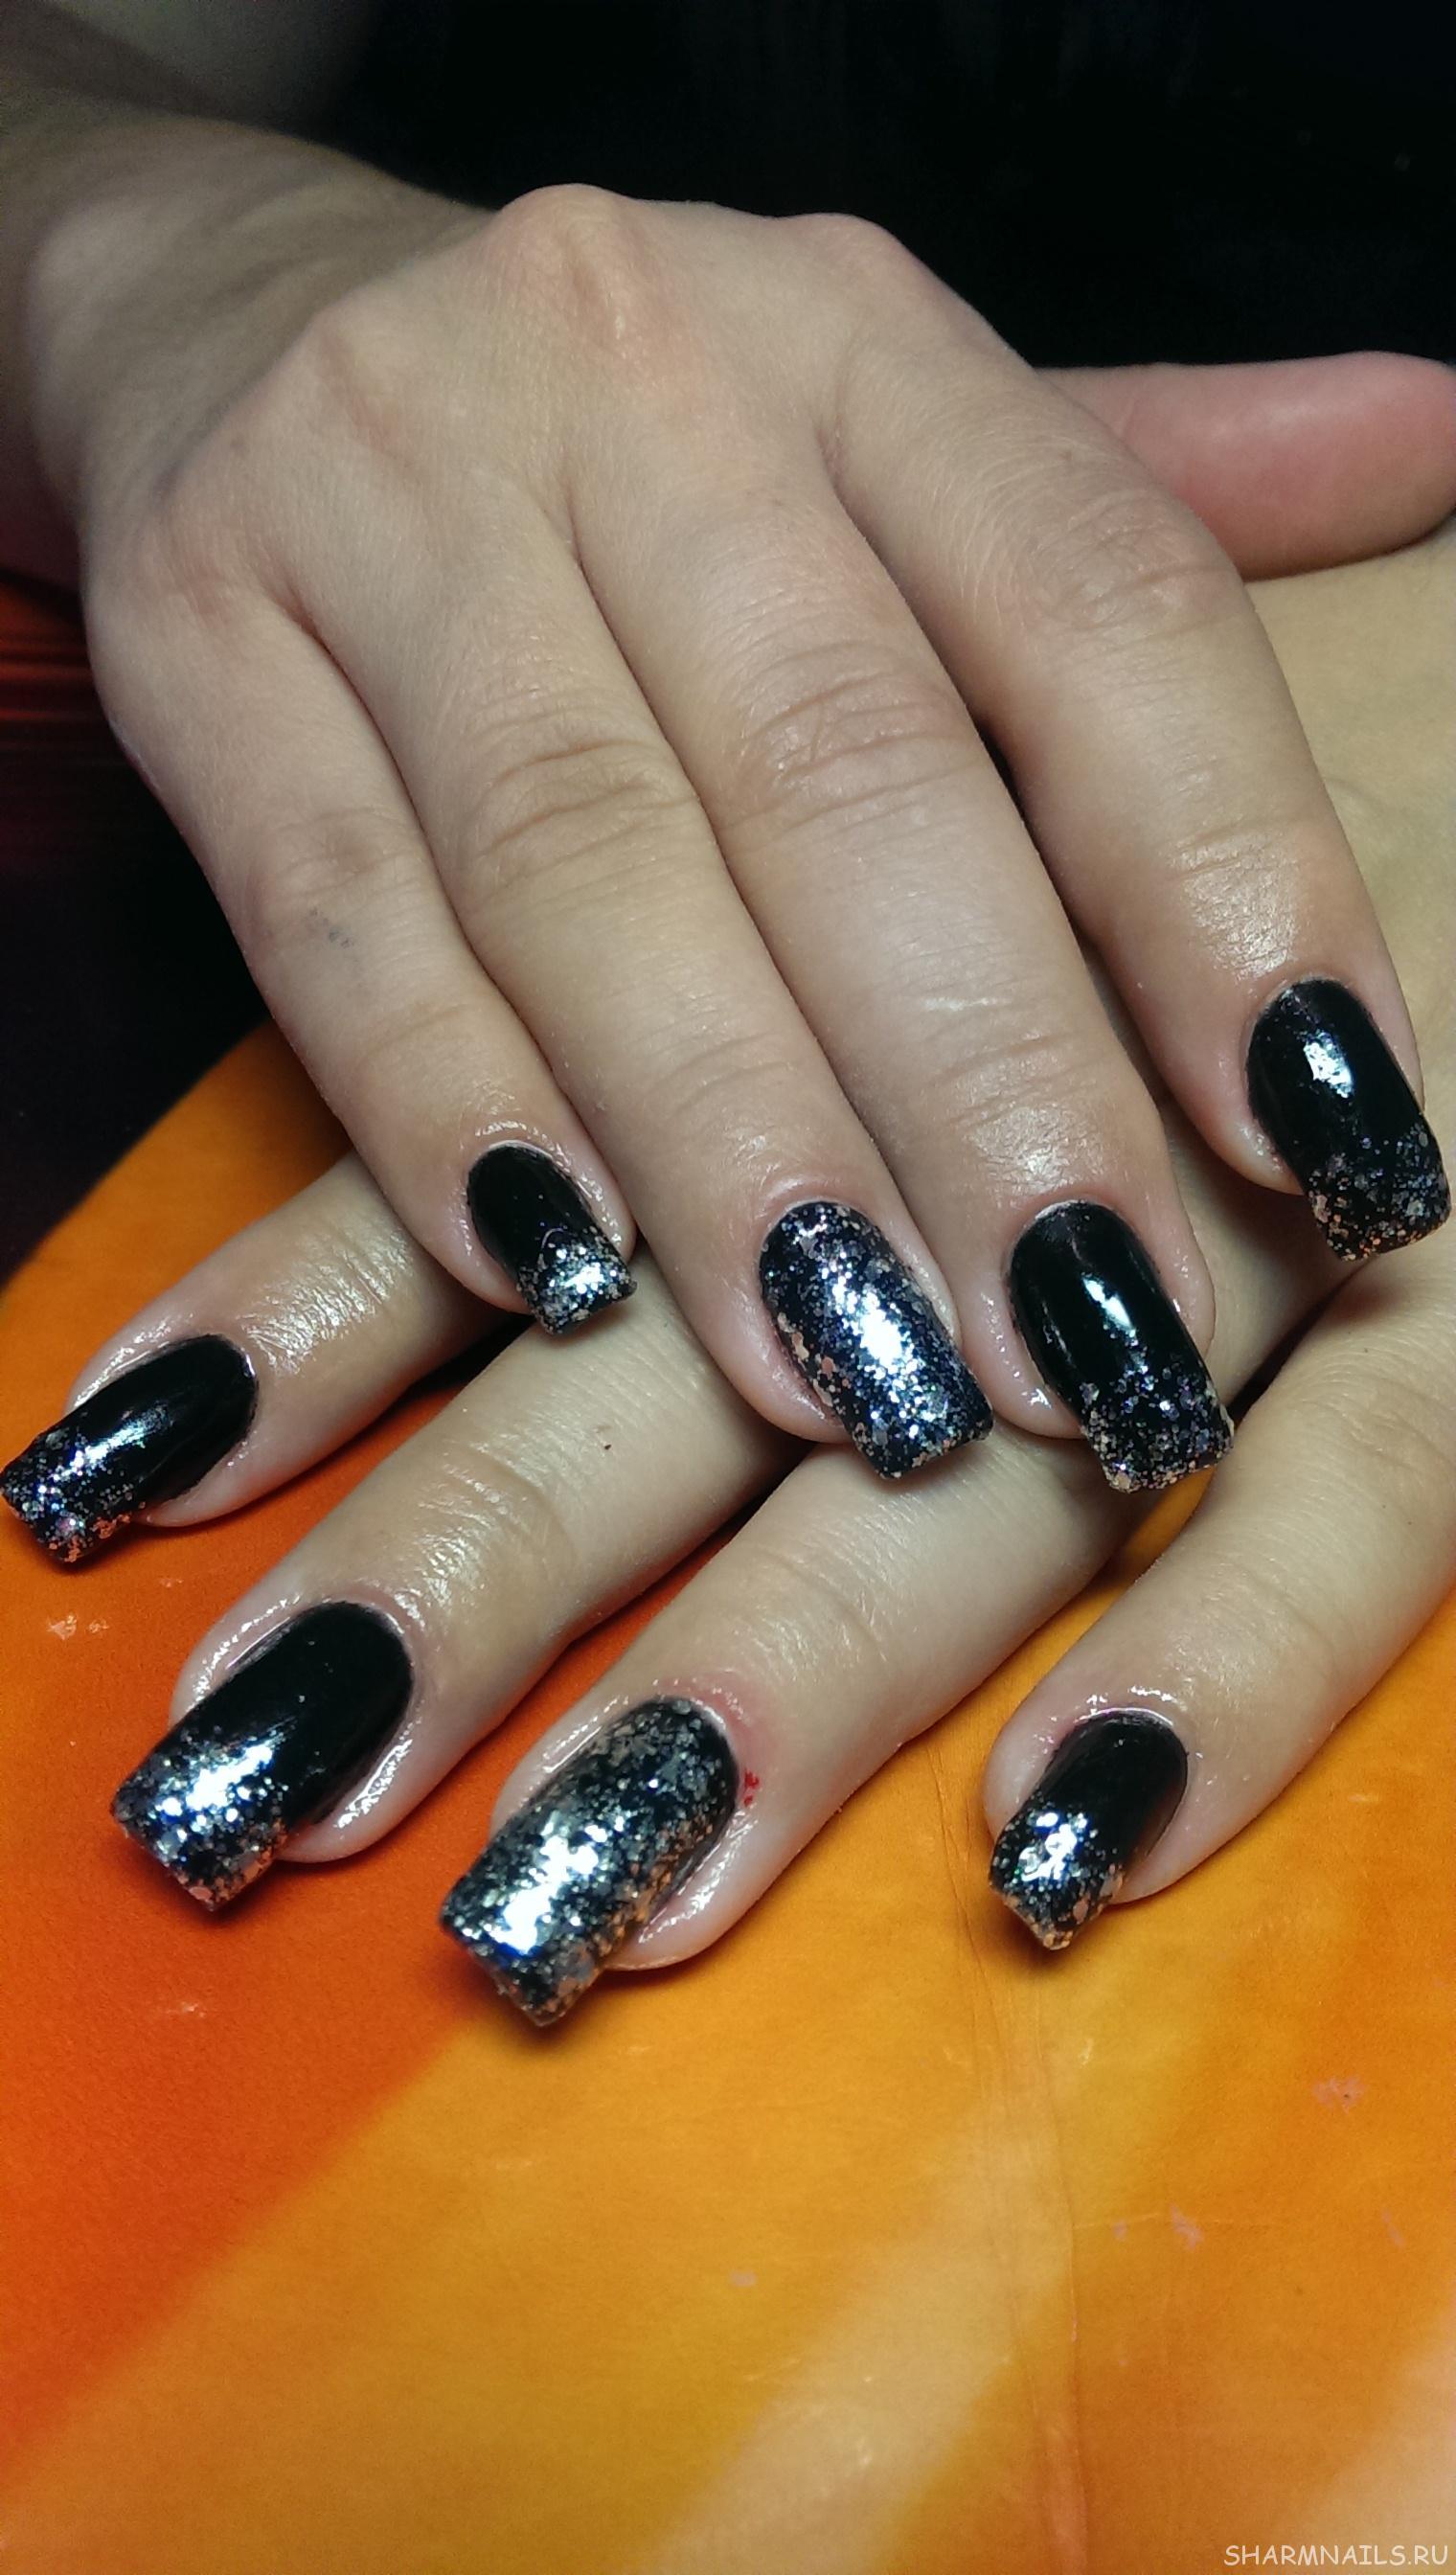 Лак на нарощенных ногтях фото